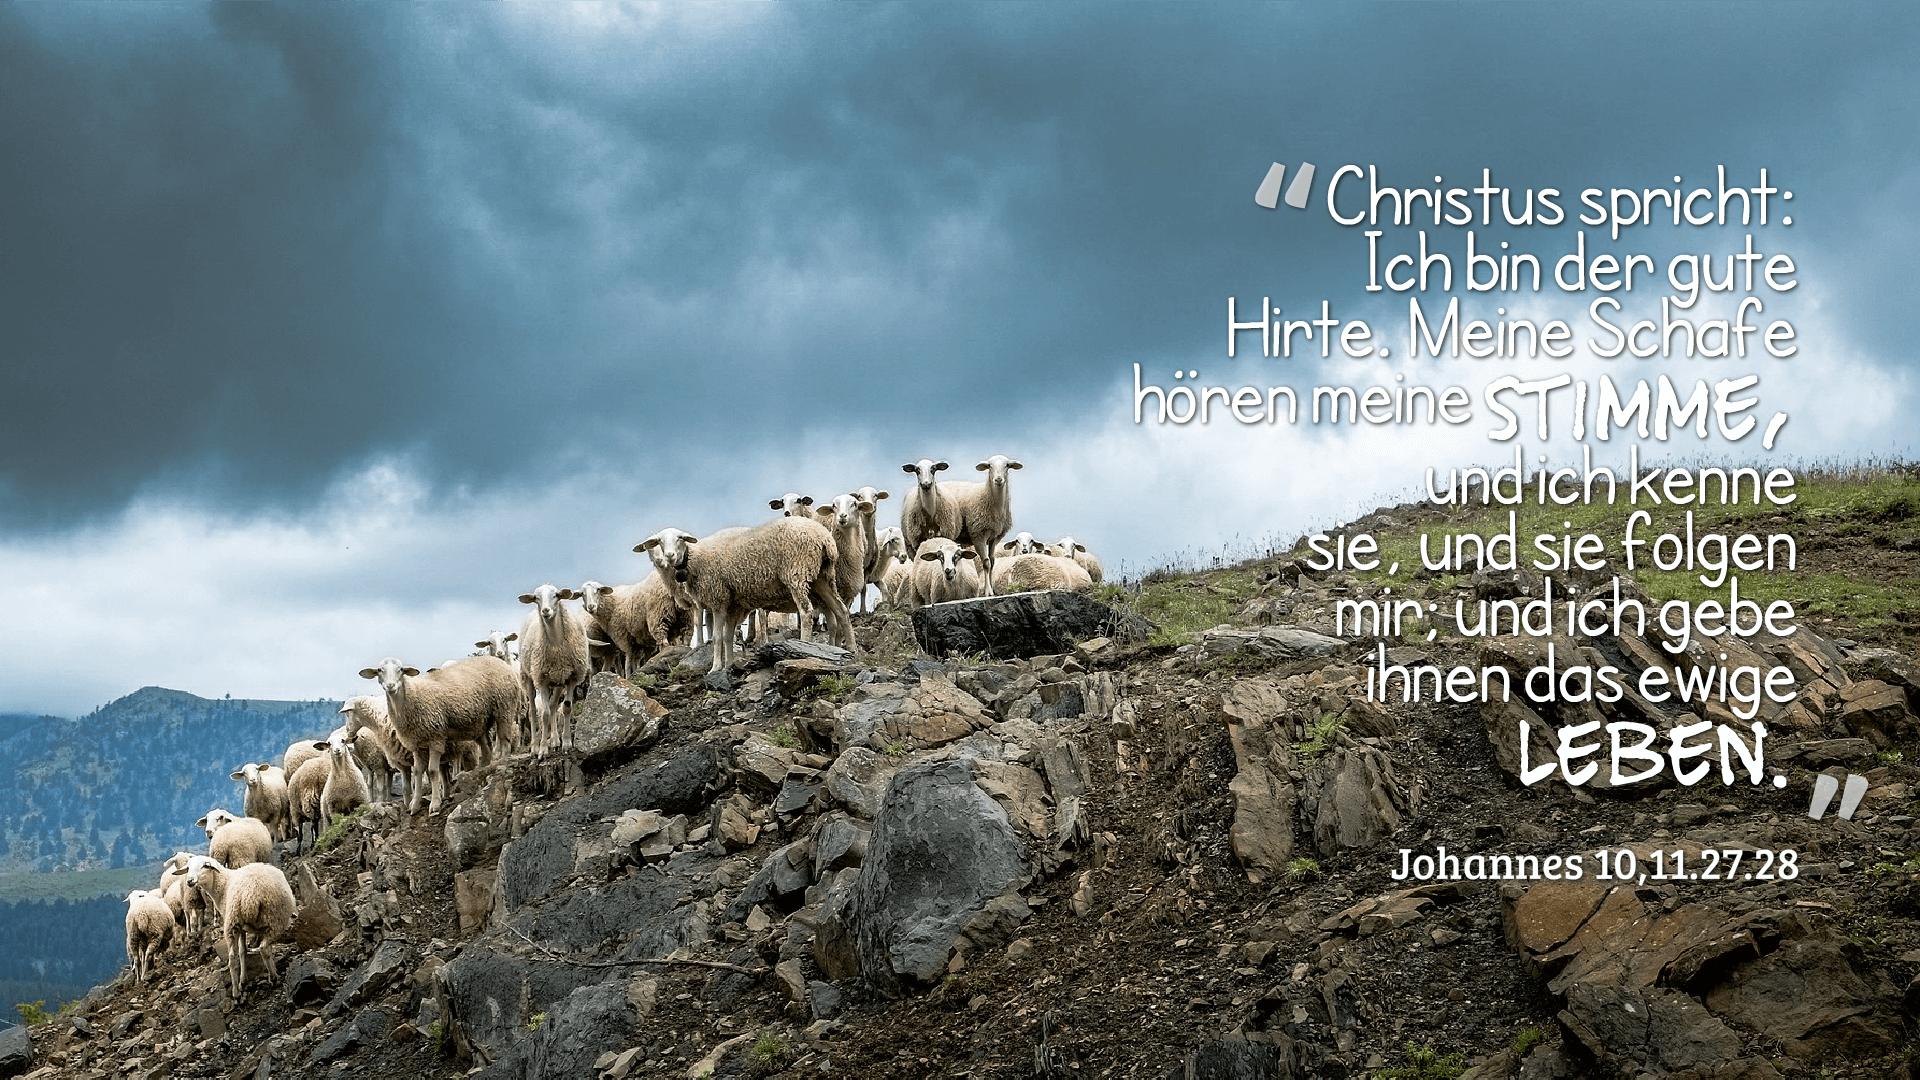 Christus spricht: Ich bin der gute Hirte. Meine Schafe hören meine Stimme, und ich kenne sie, und sie folgen mir; und ich gebe ihnen das ewige Leben. - Johannes 10,11.27.28